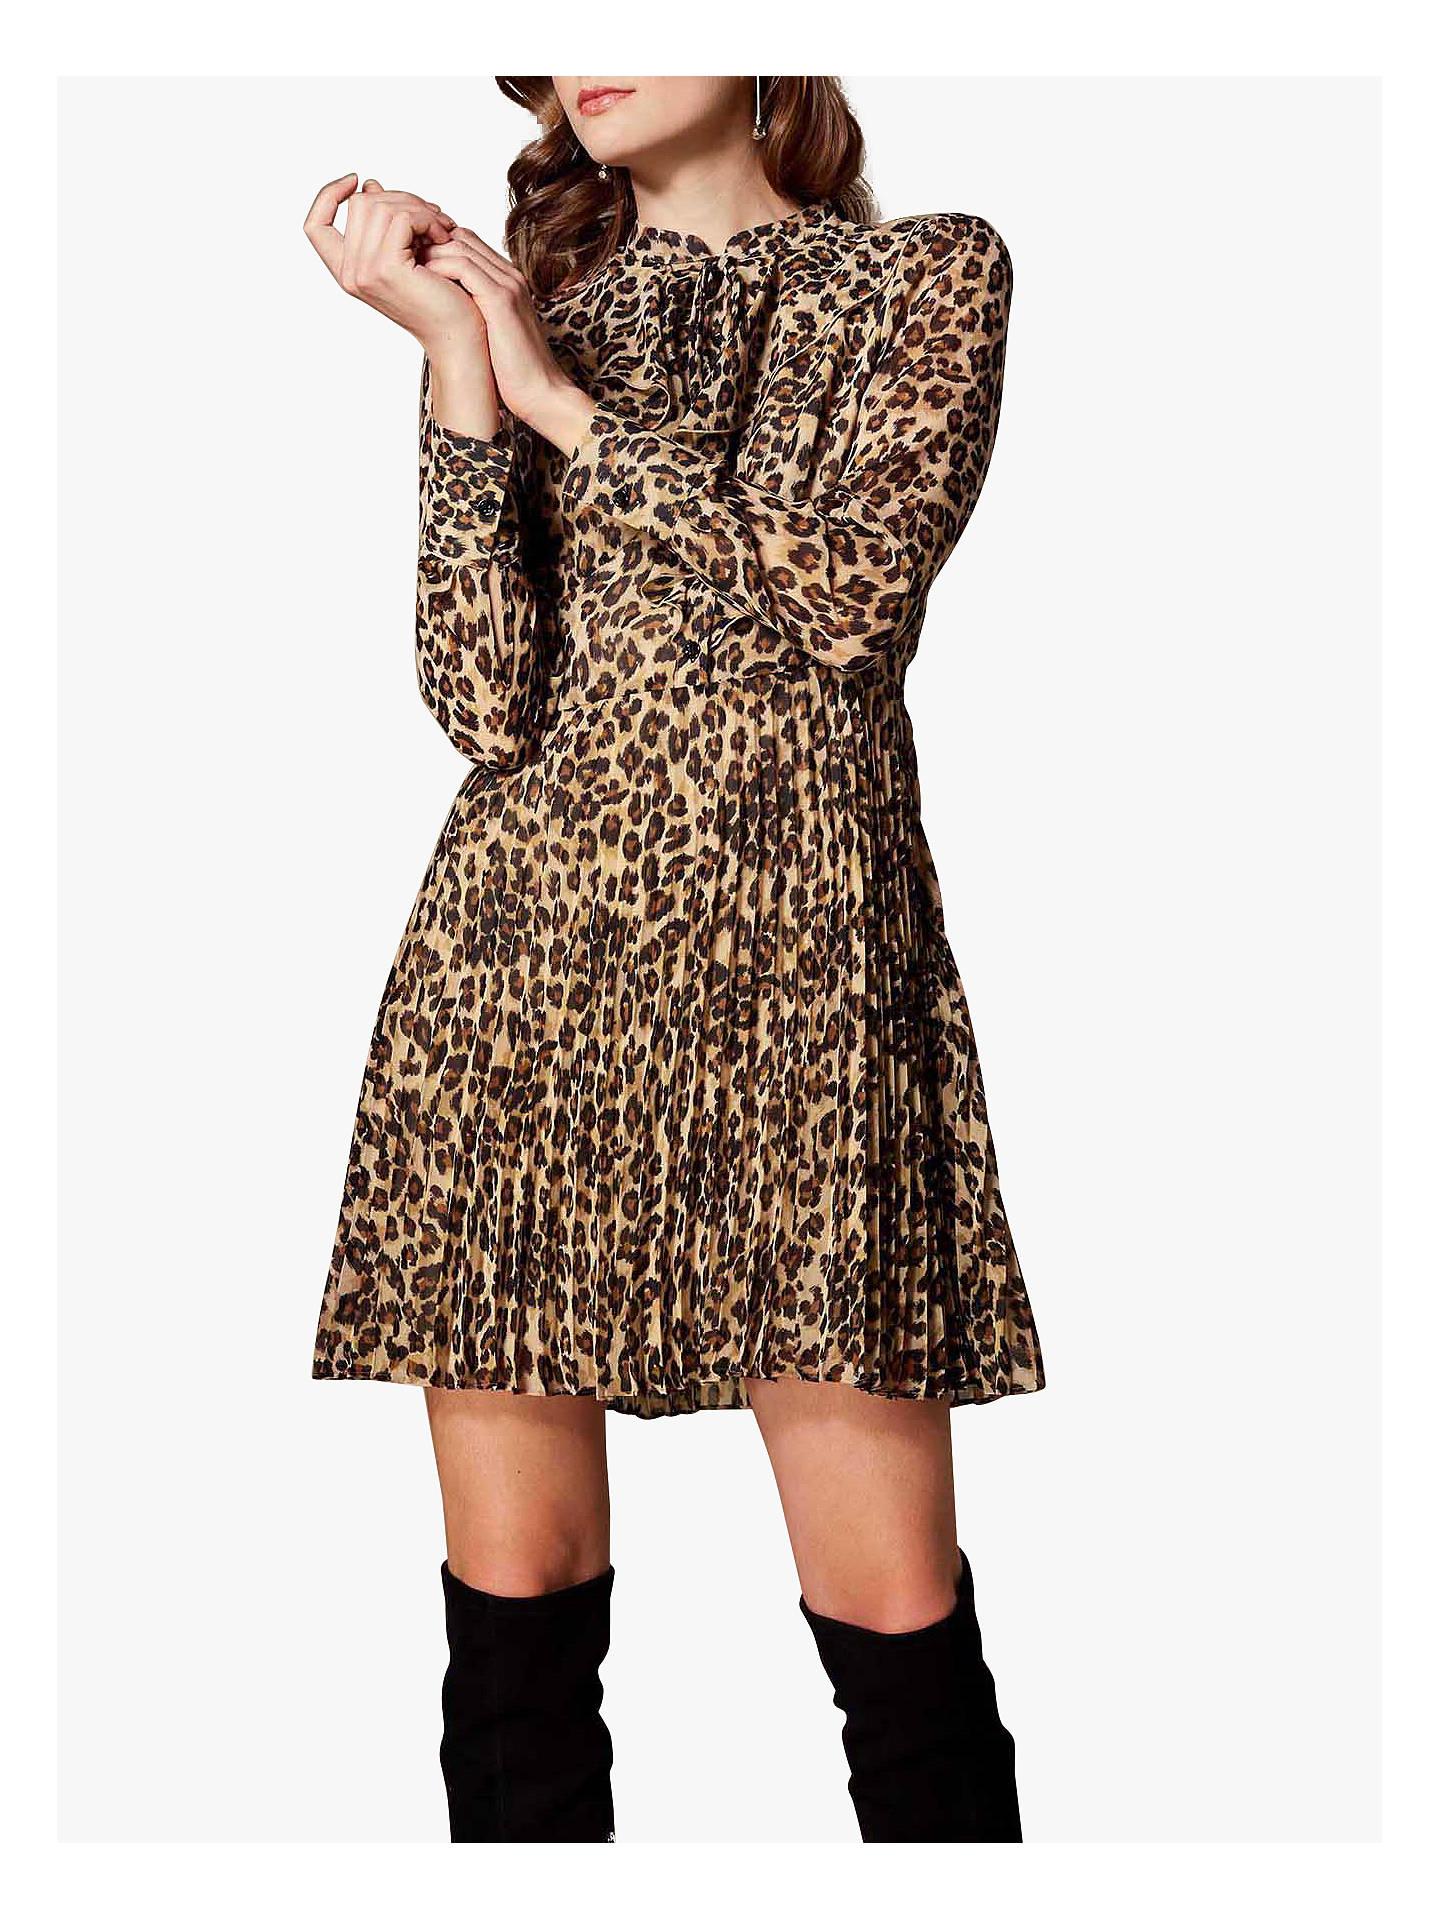 46a4e780ab BuyKaren Millen Leopard Print Ruffle Dress